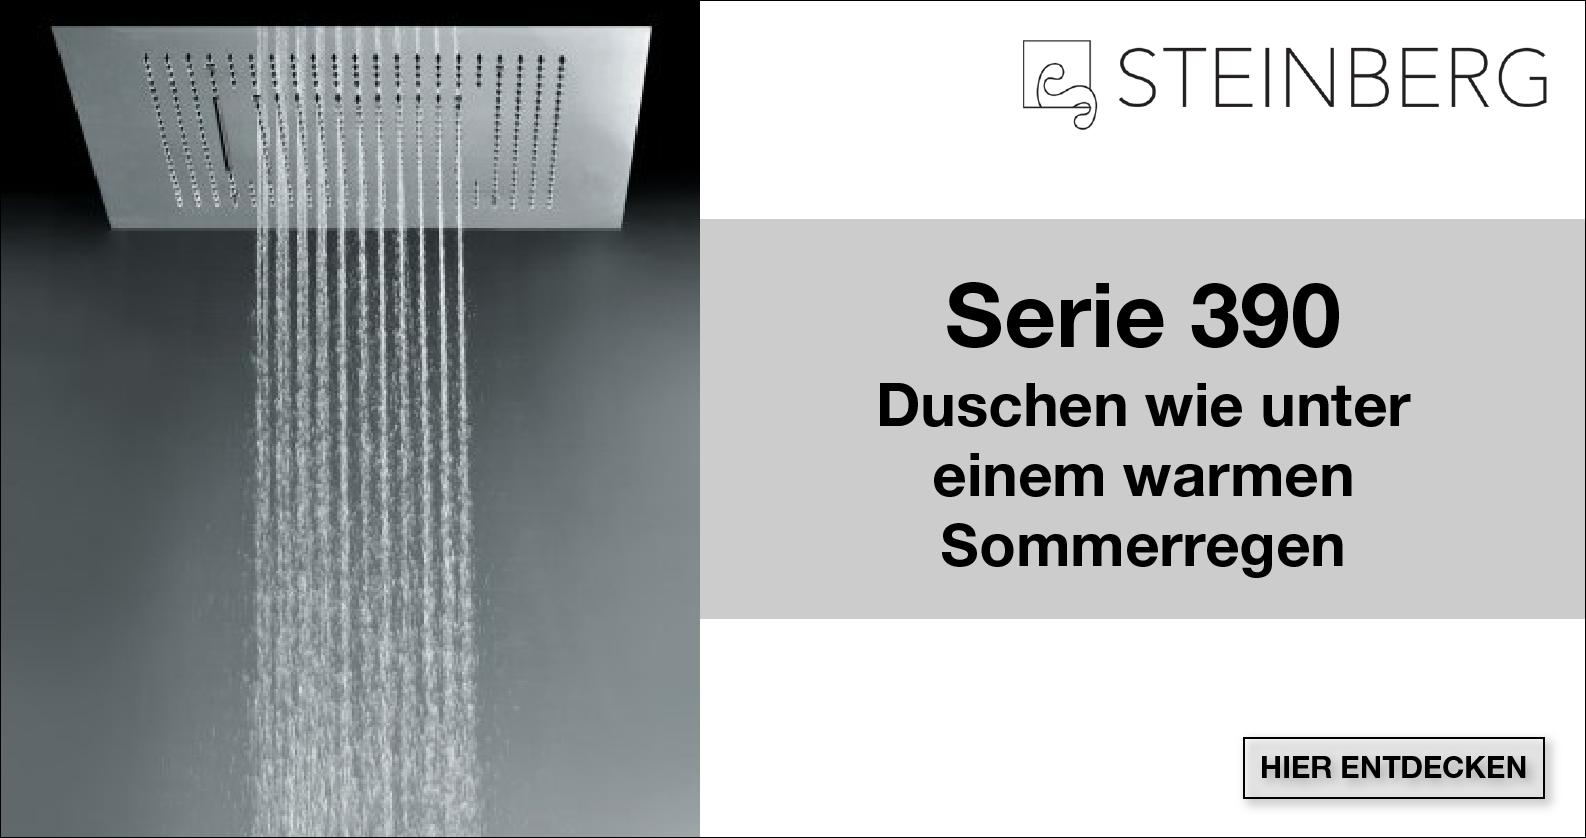 Steinberg Serie 390 bei xTWOstore